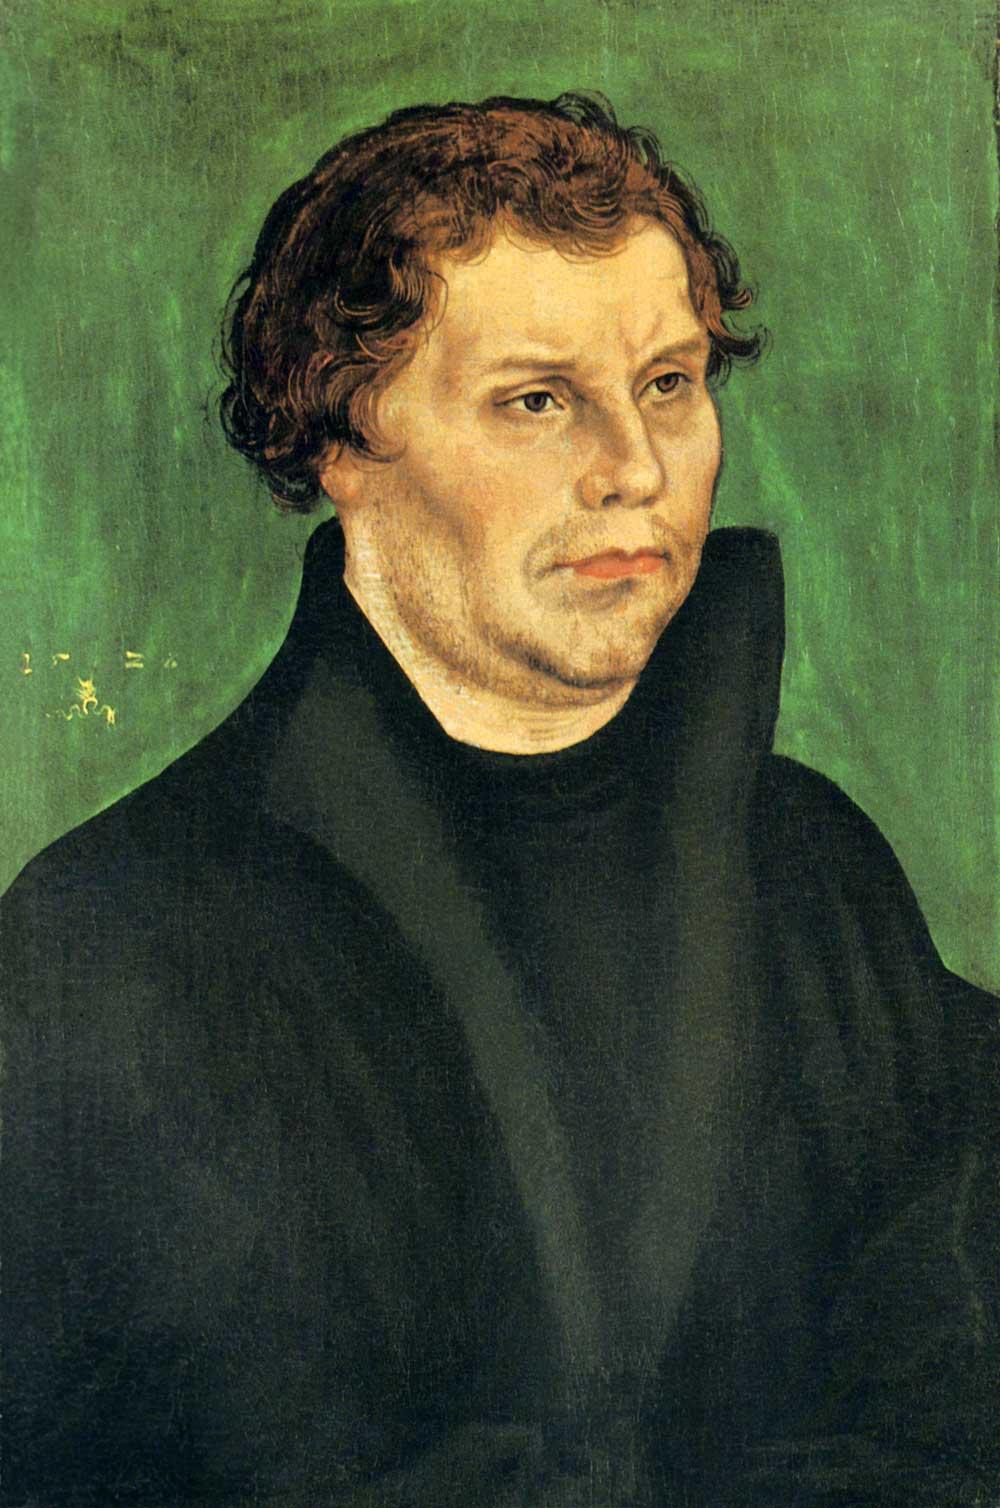 Lutero después de la Reforma